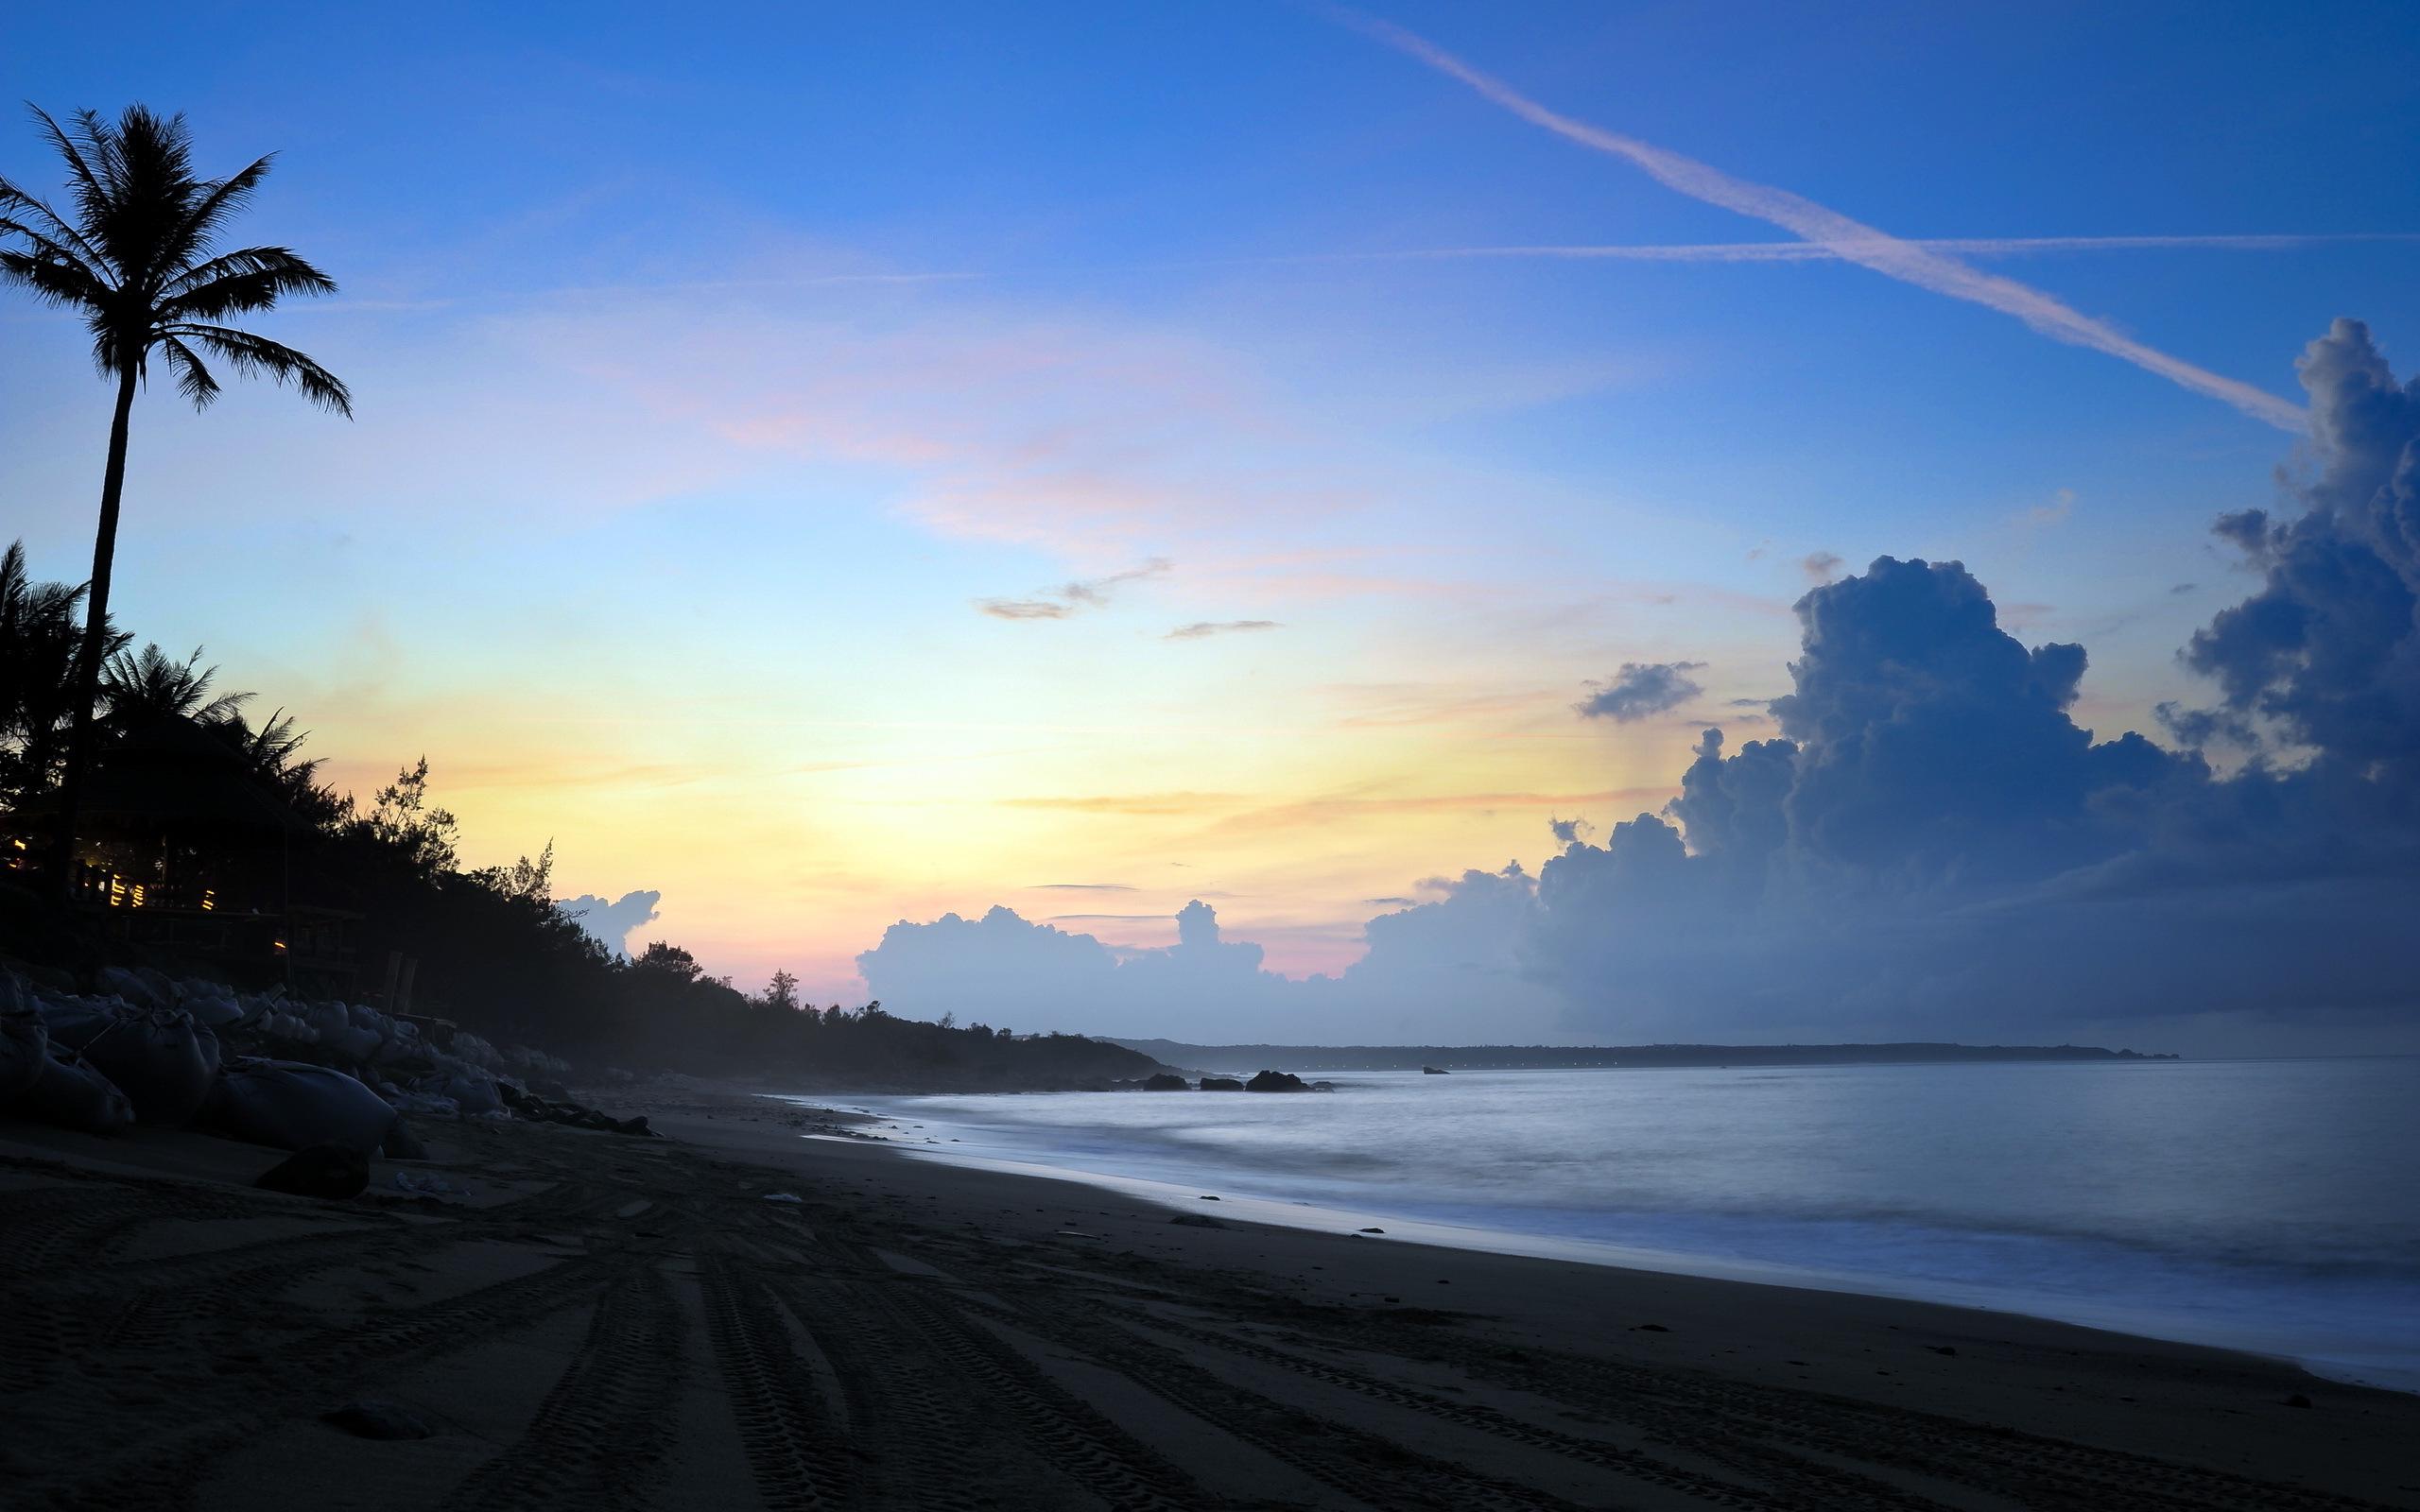 Beach evening sun